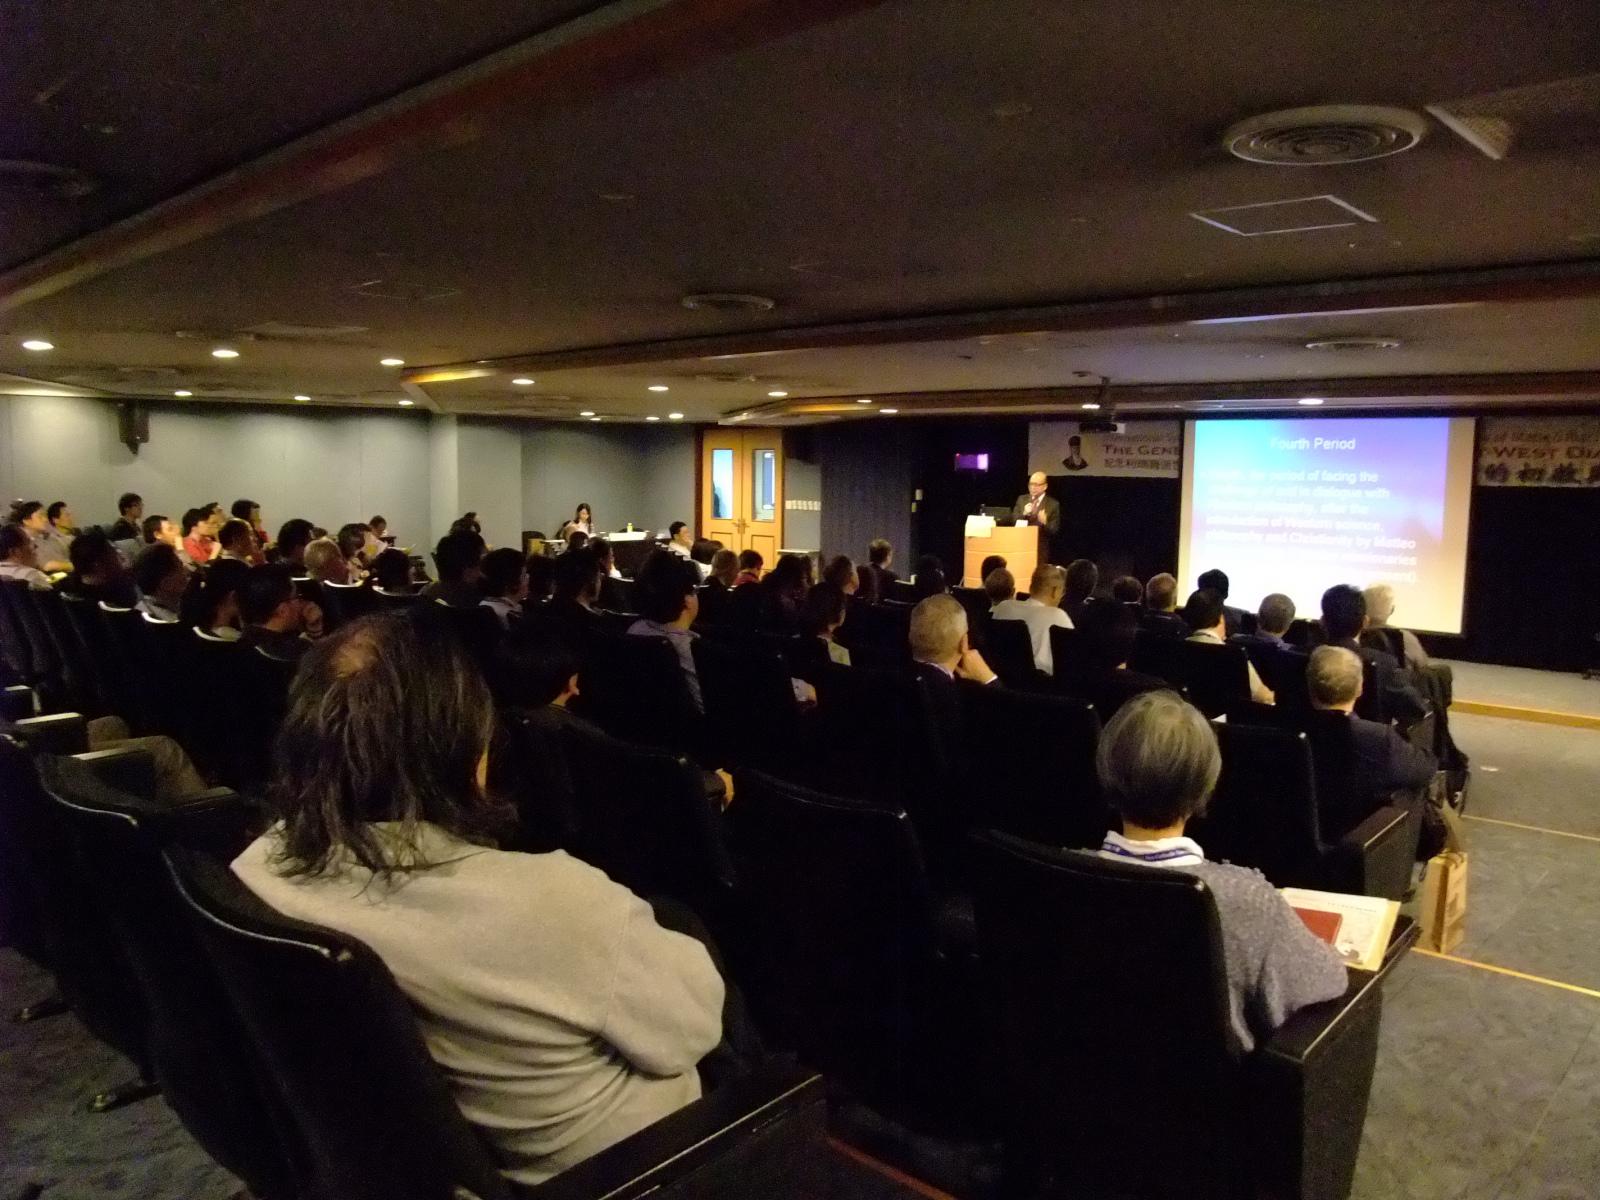 201004紀念利瑪竇逝世四百週年國際學術研討會-17